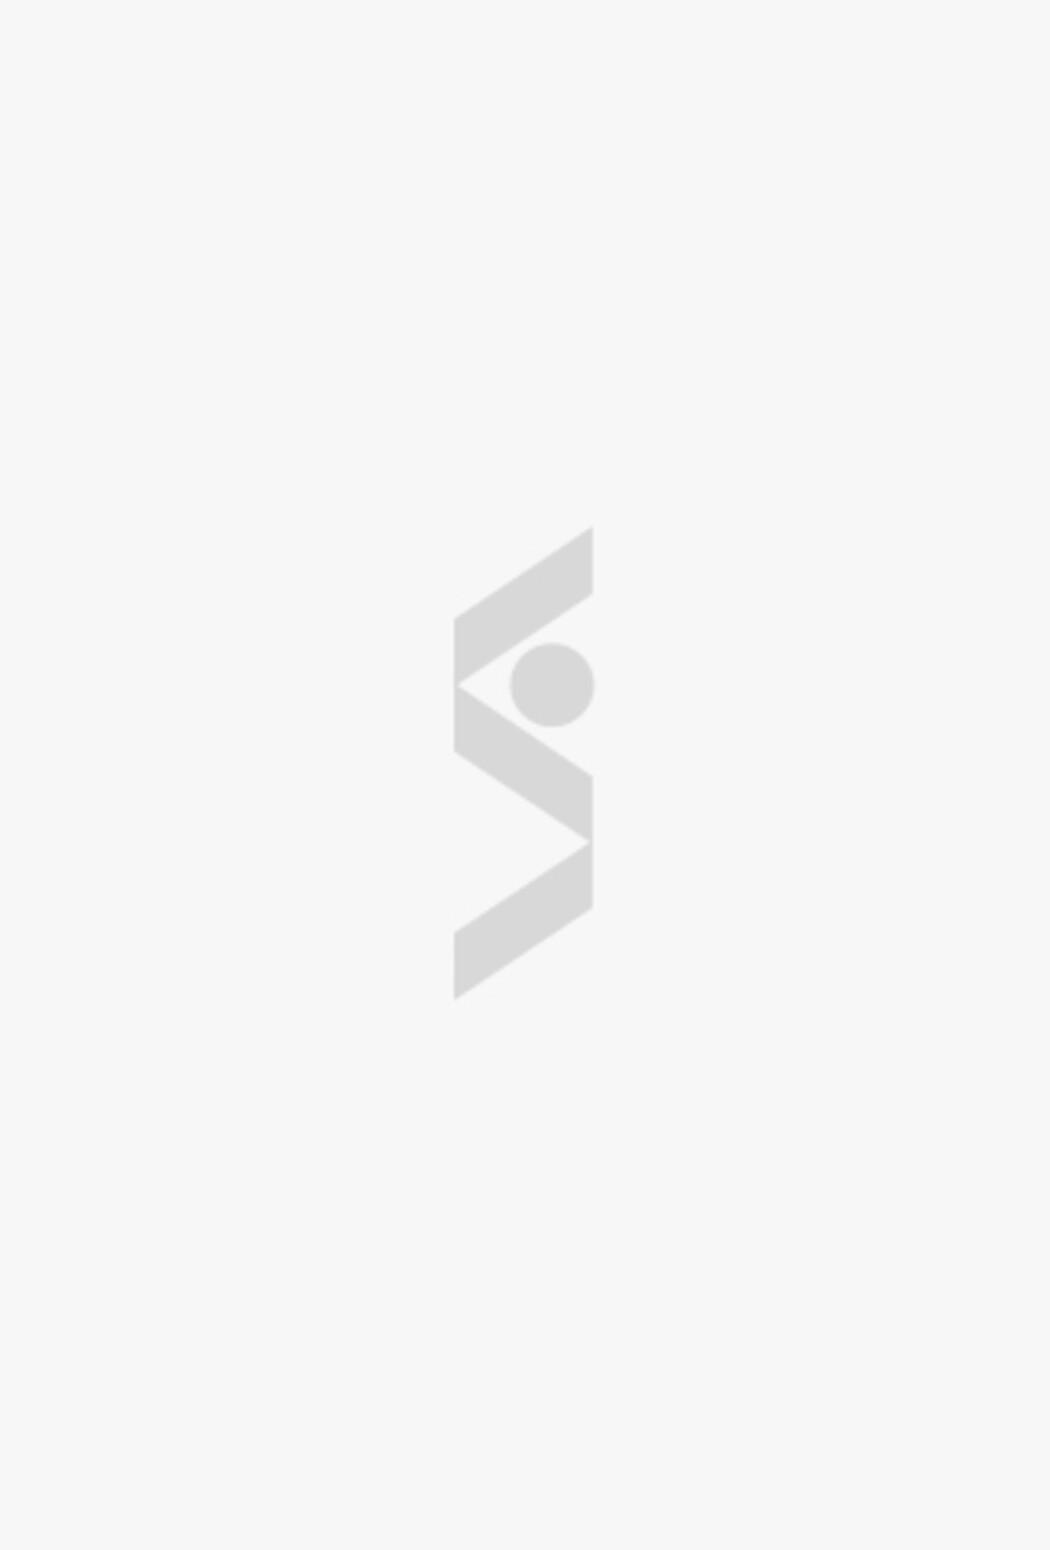 Щетка хозяйственная для смахивания пыли duster xl Leifheit - скоро в продаже в интернет-магазине СТОКМАНН в Москве BAFC85AF-910D-4DEB-A33F-6FEB126D97E3